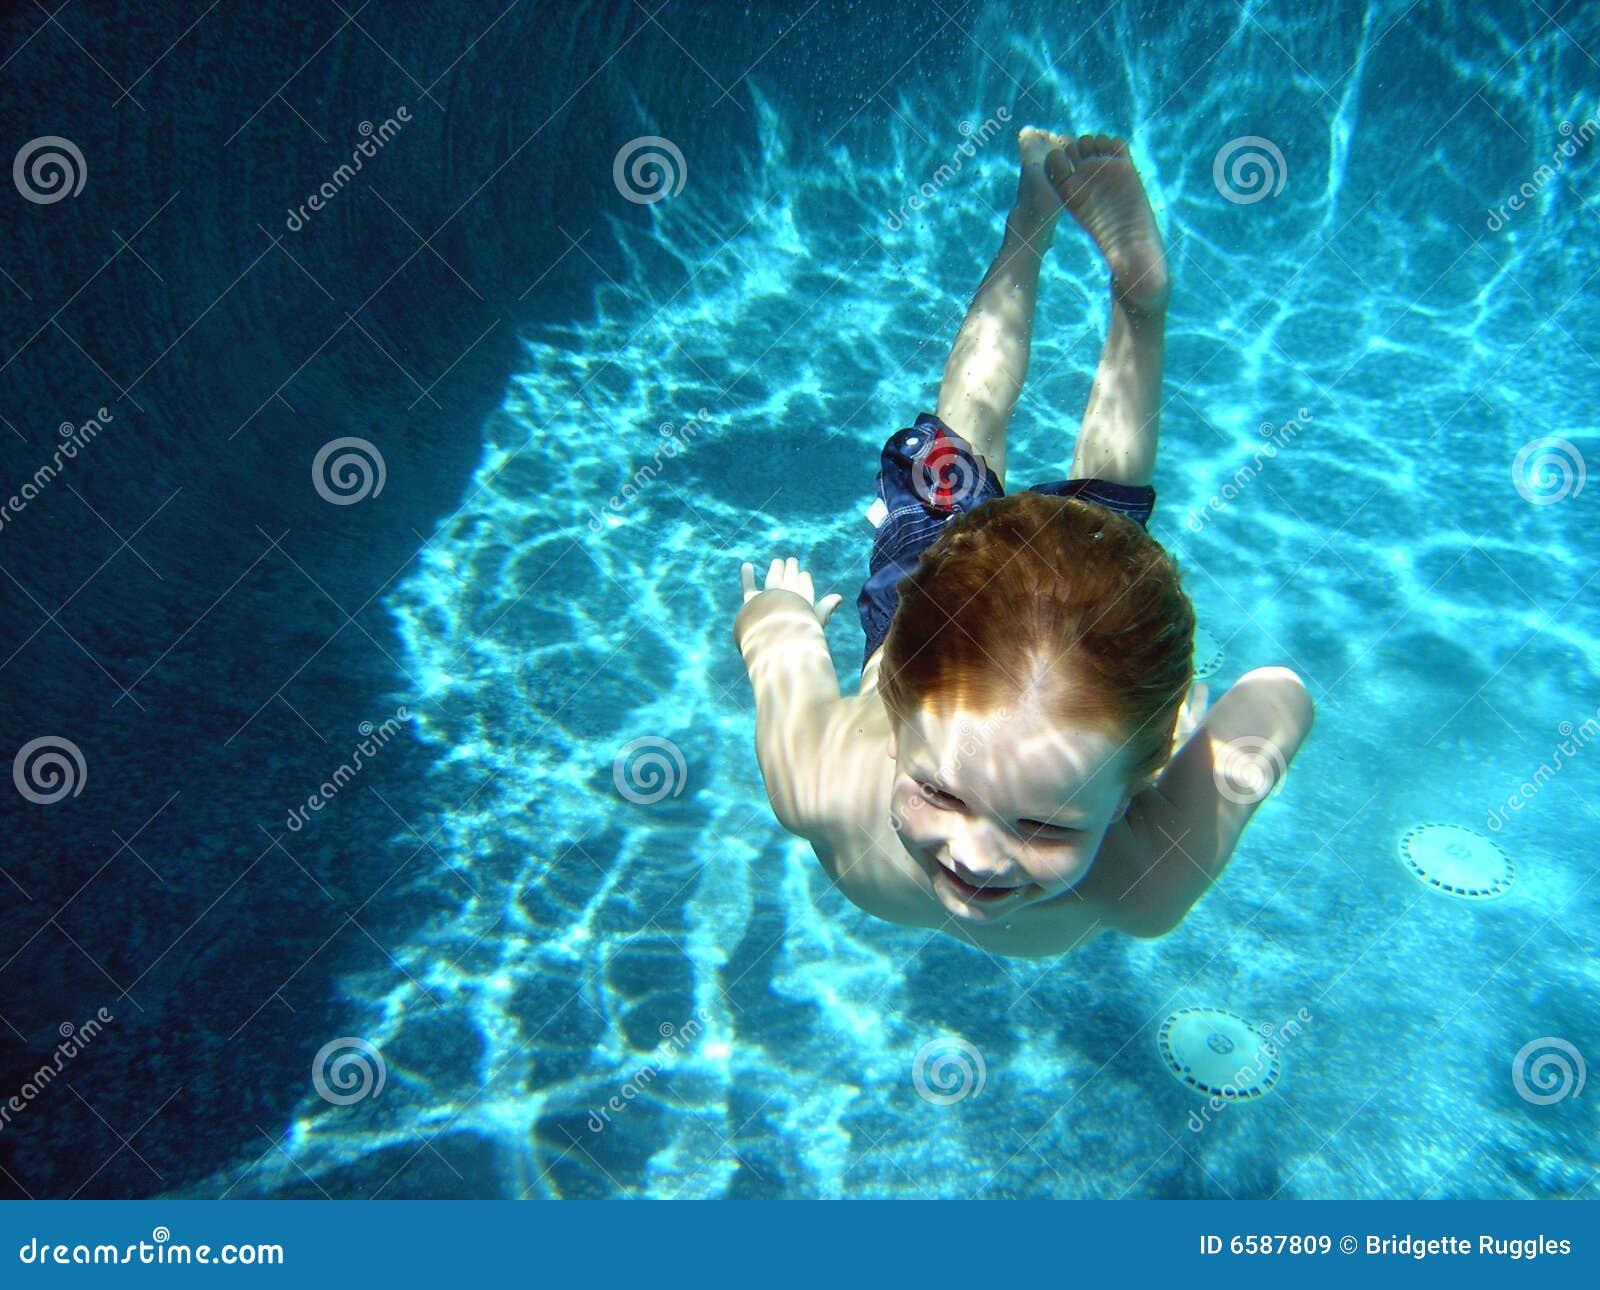 Little boy, deep pool